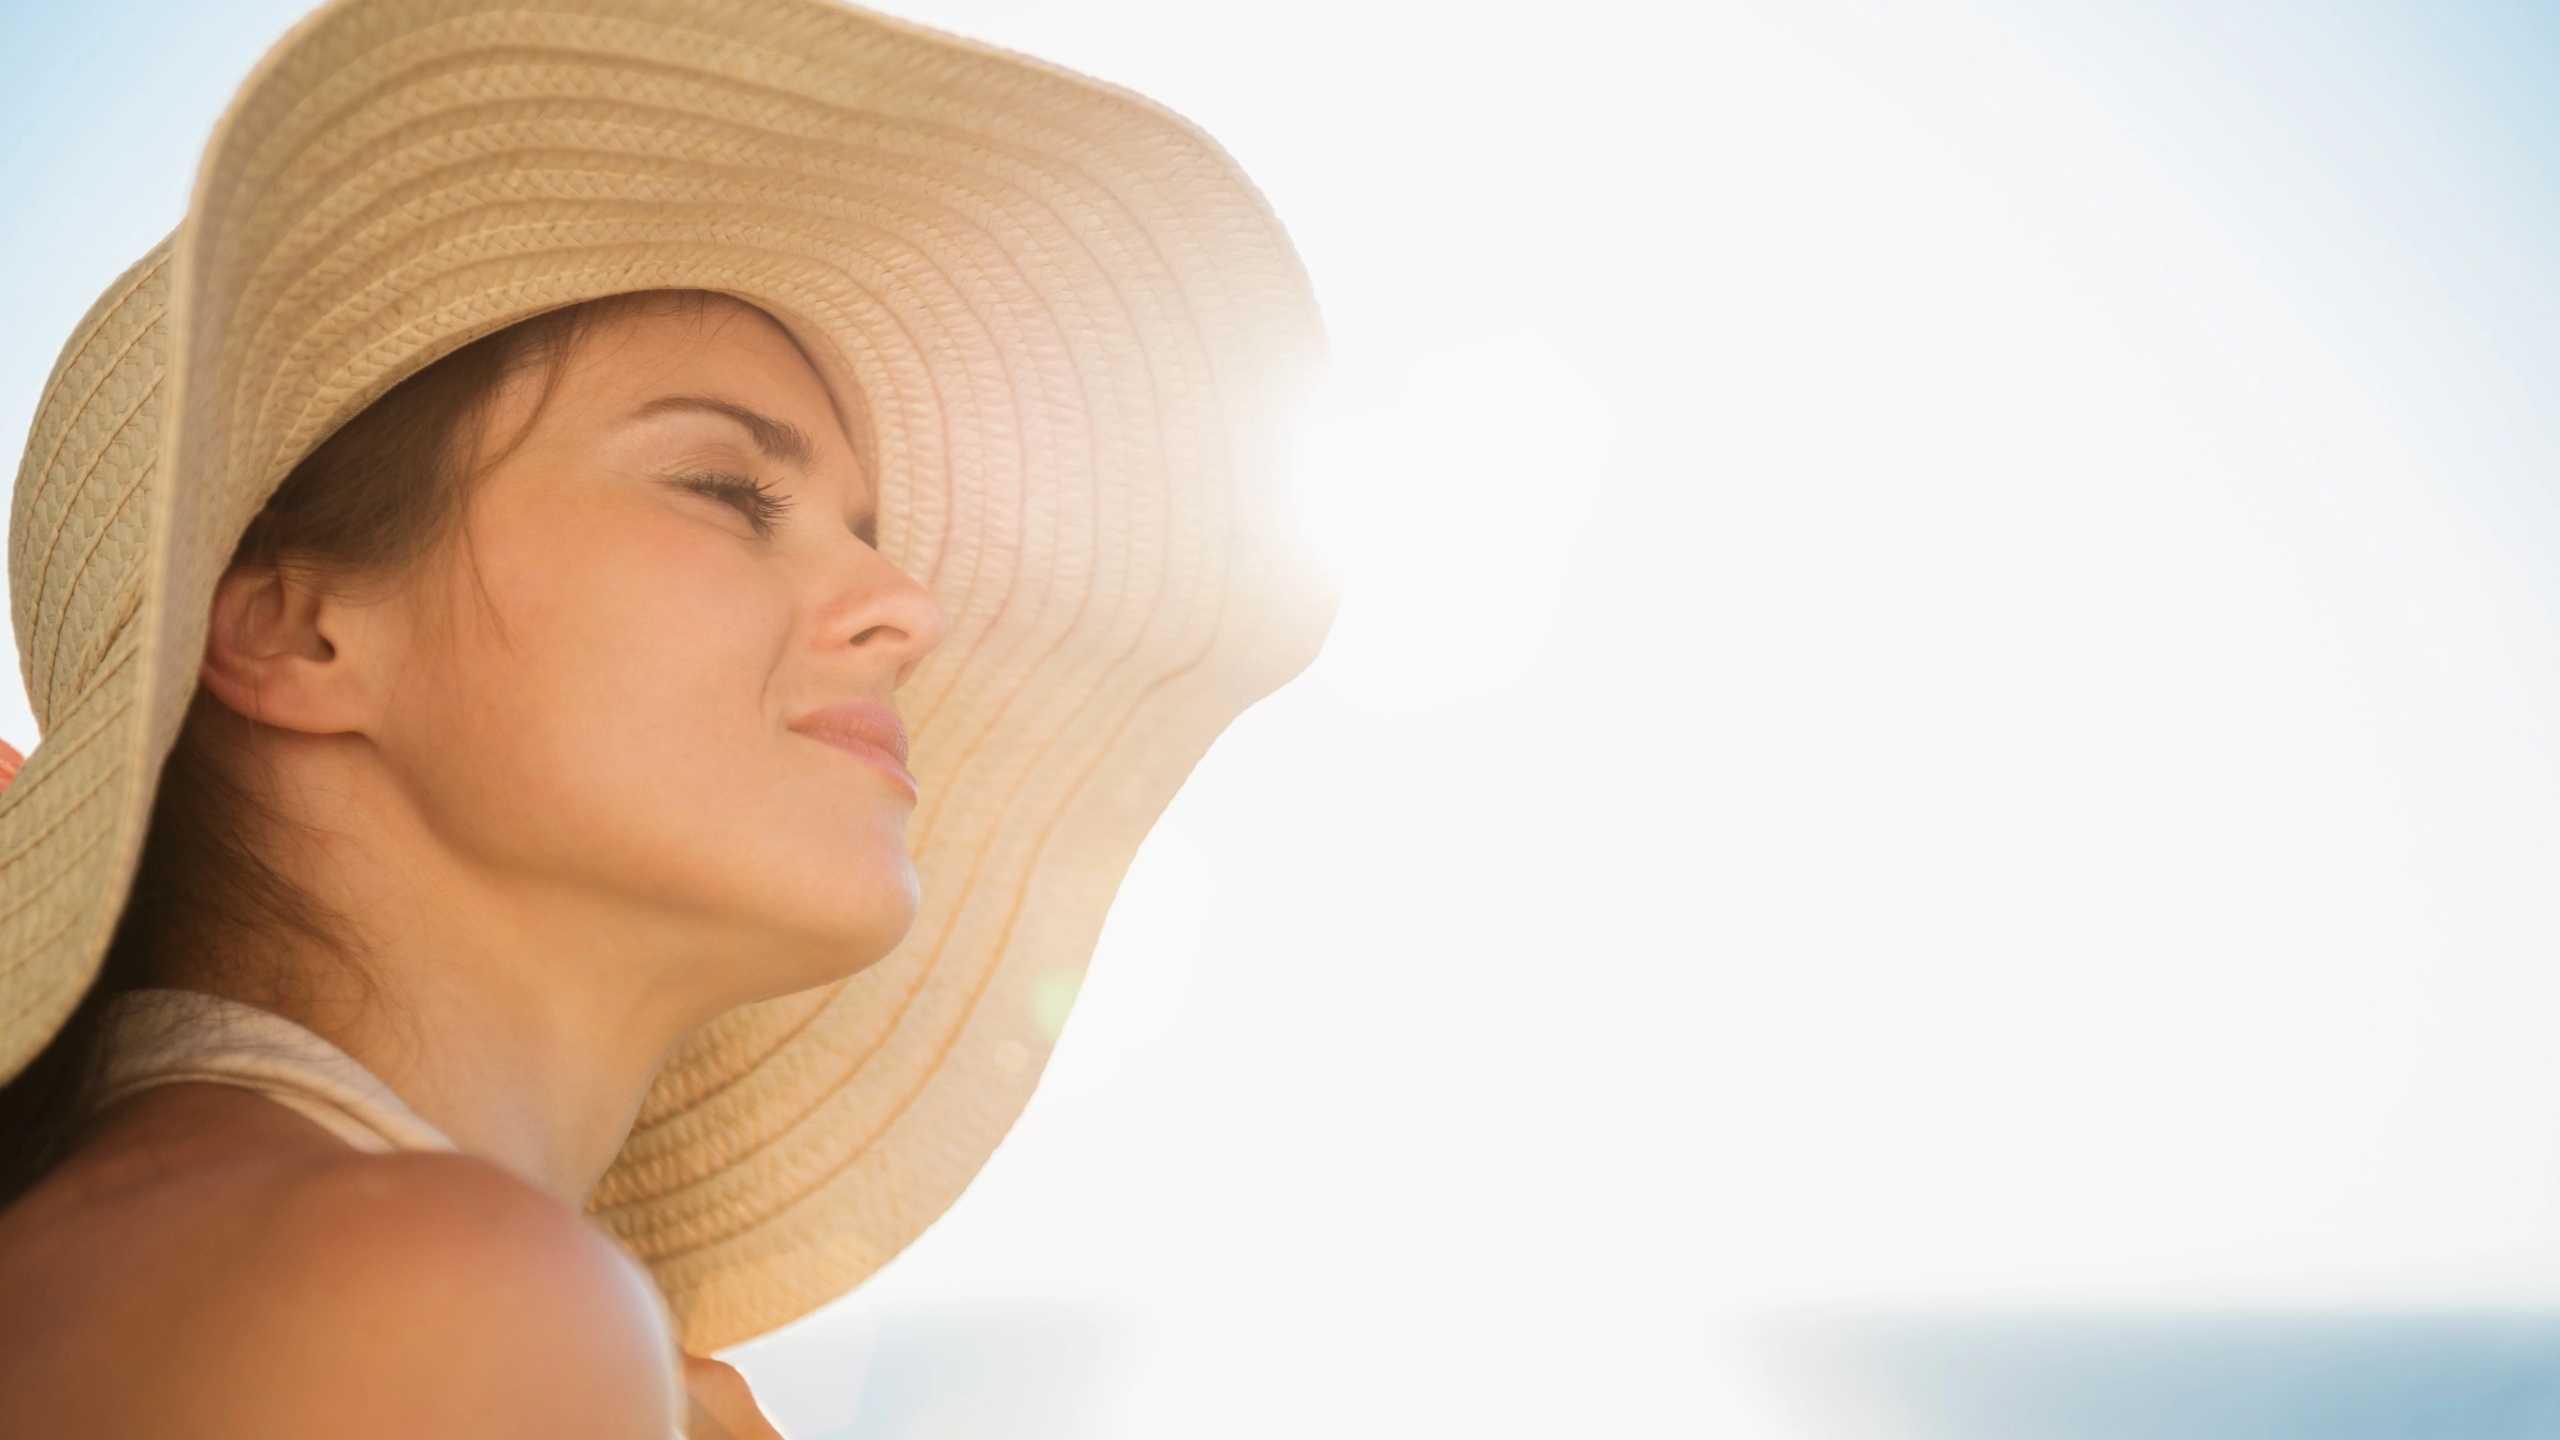 Медики предложили пересмотреть рекомендации по оптимальному пребыванию на солнце